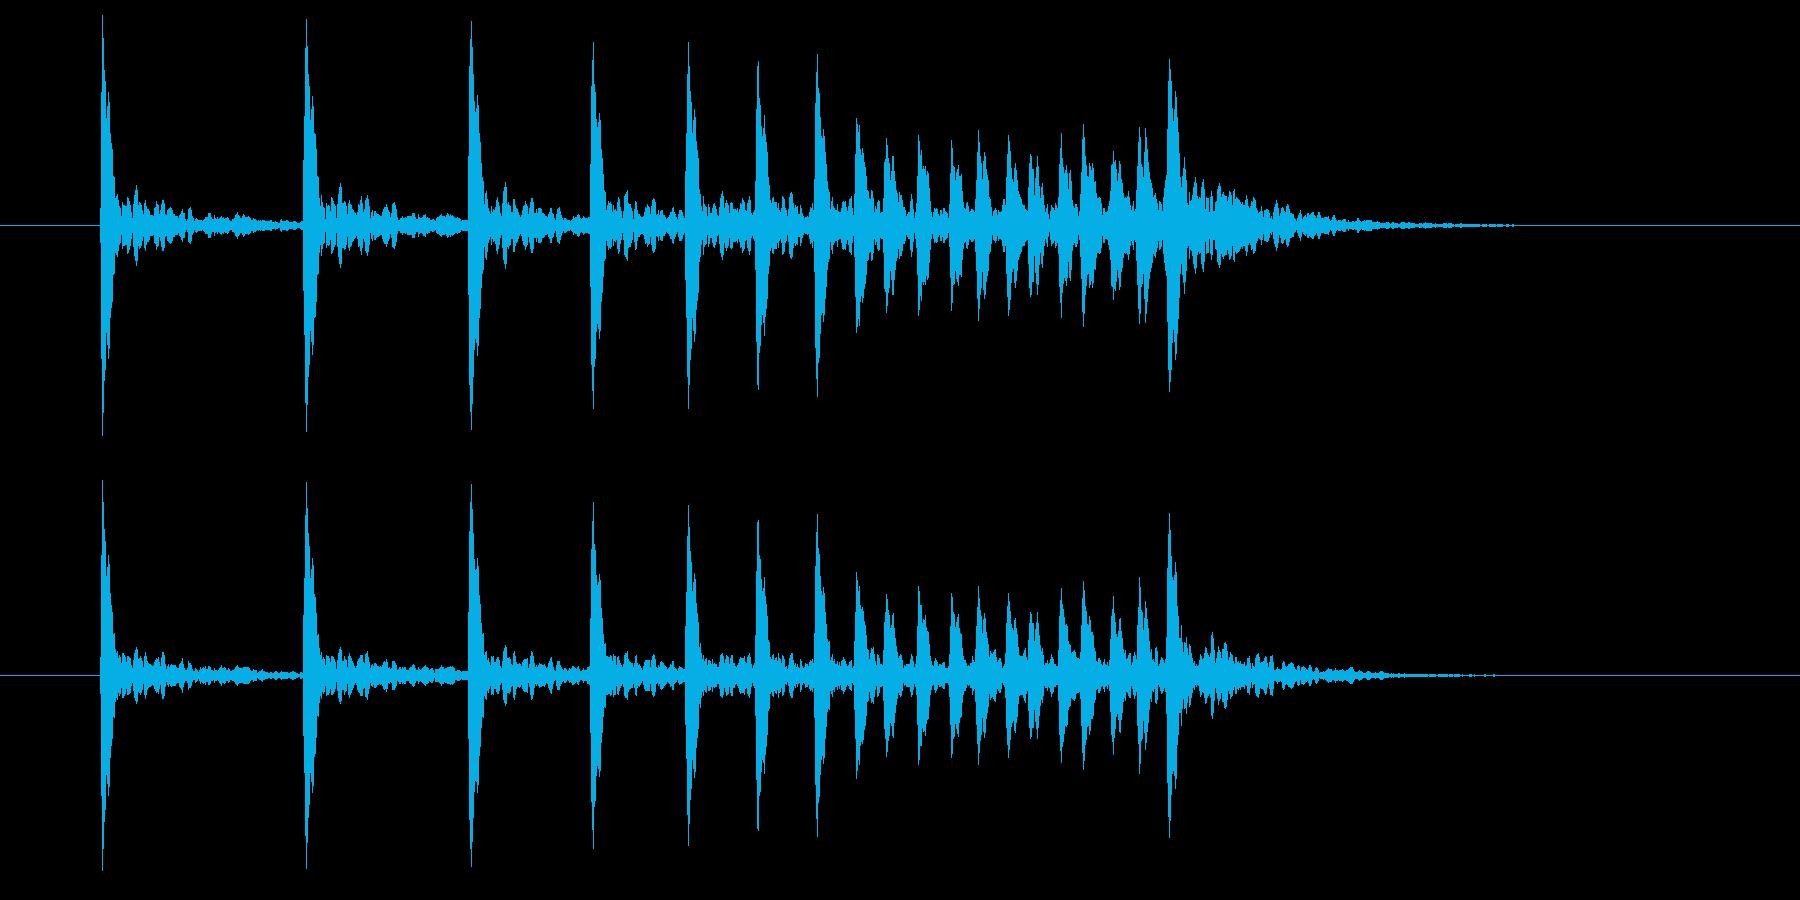 歌舞伎や能で奏でる鼓の音色の再生済みの波形